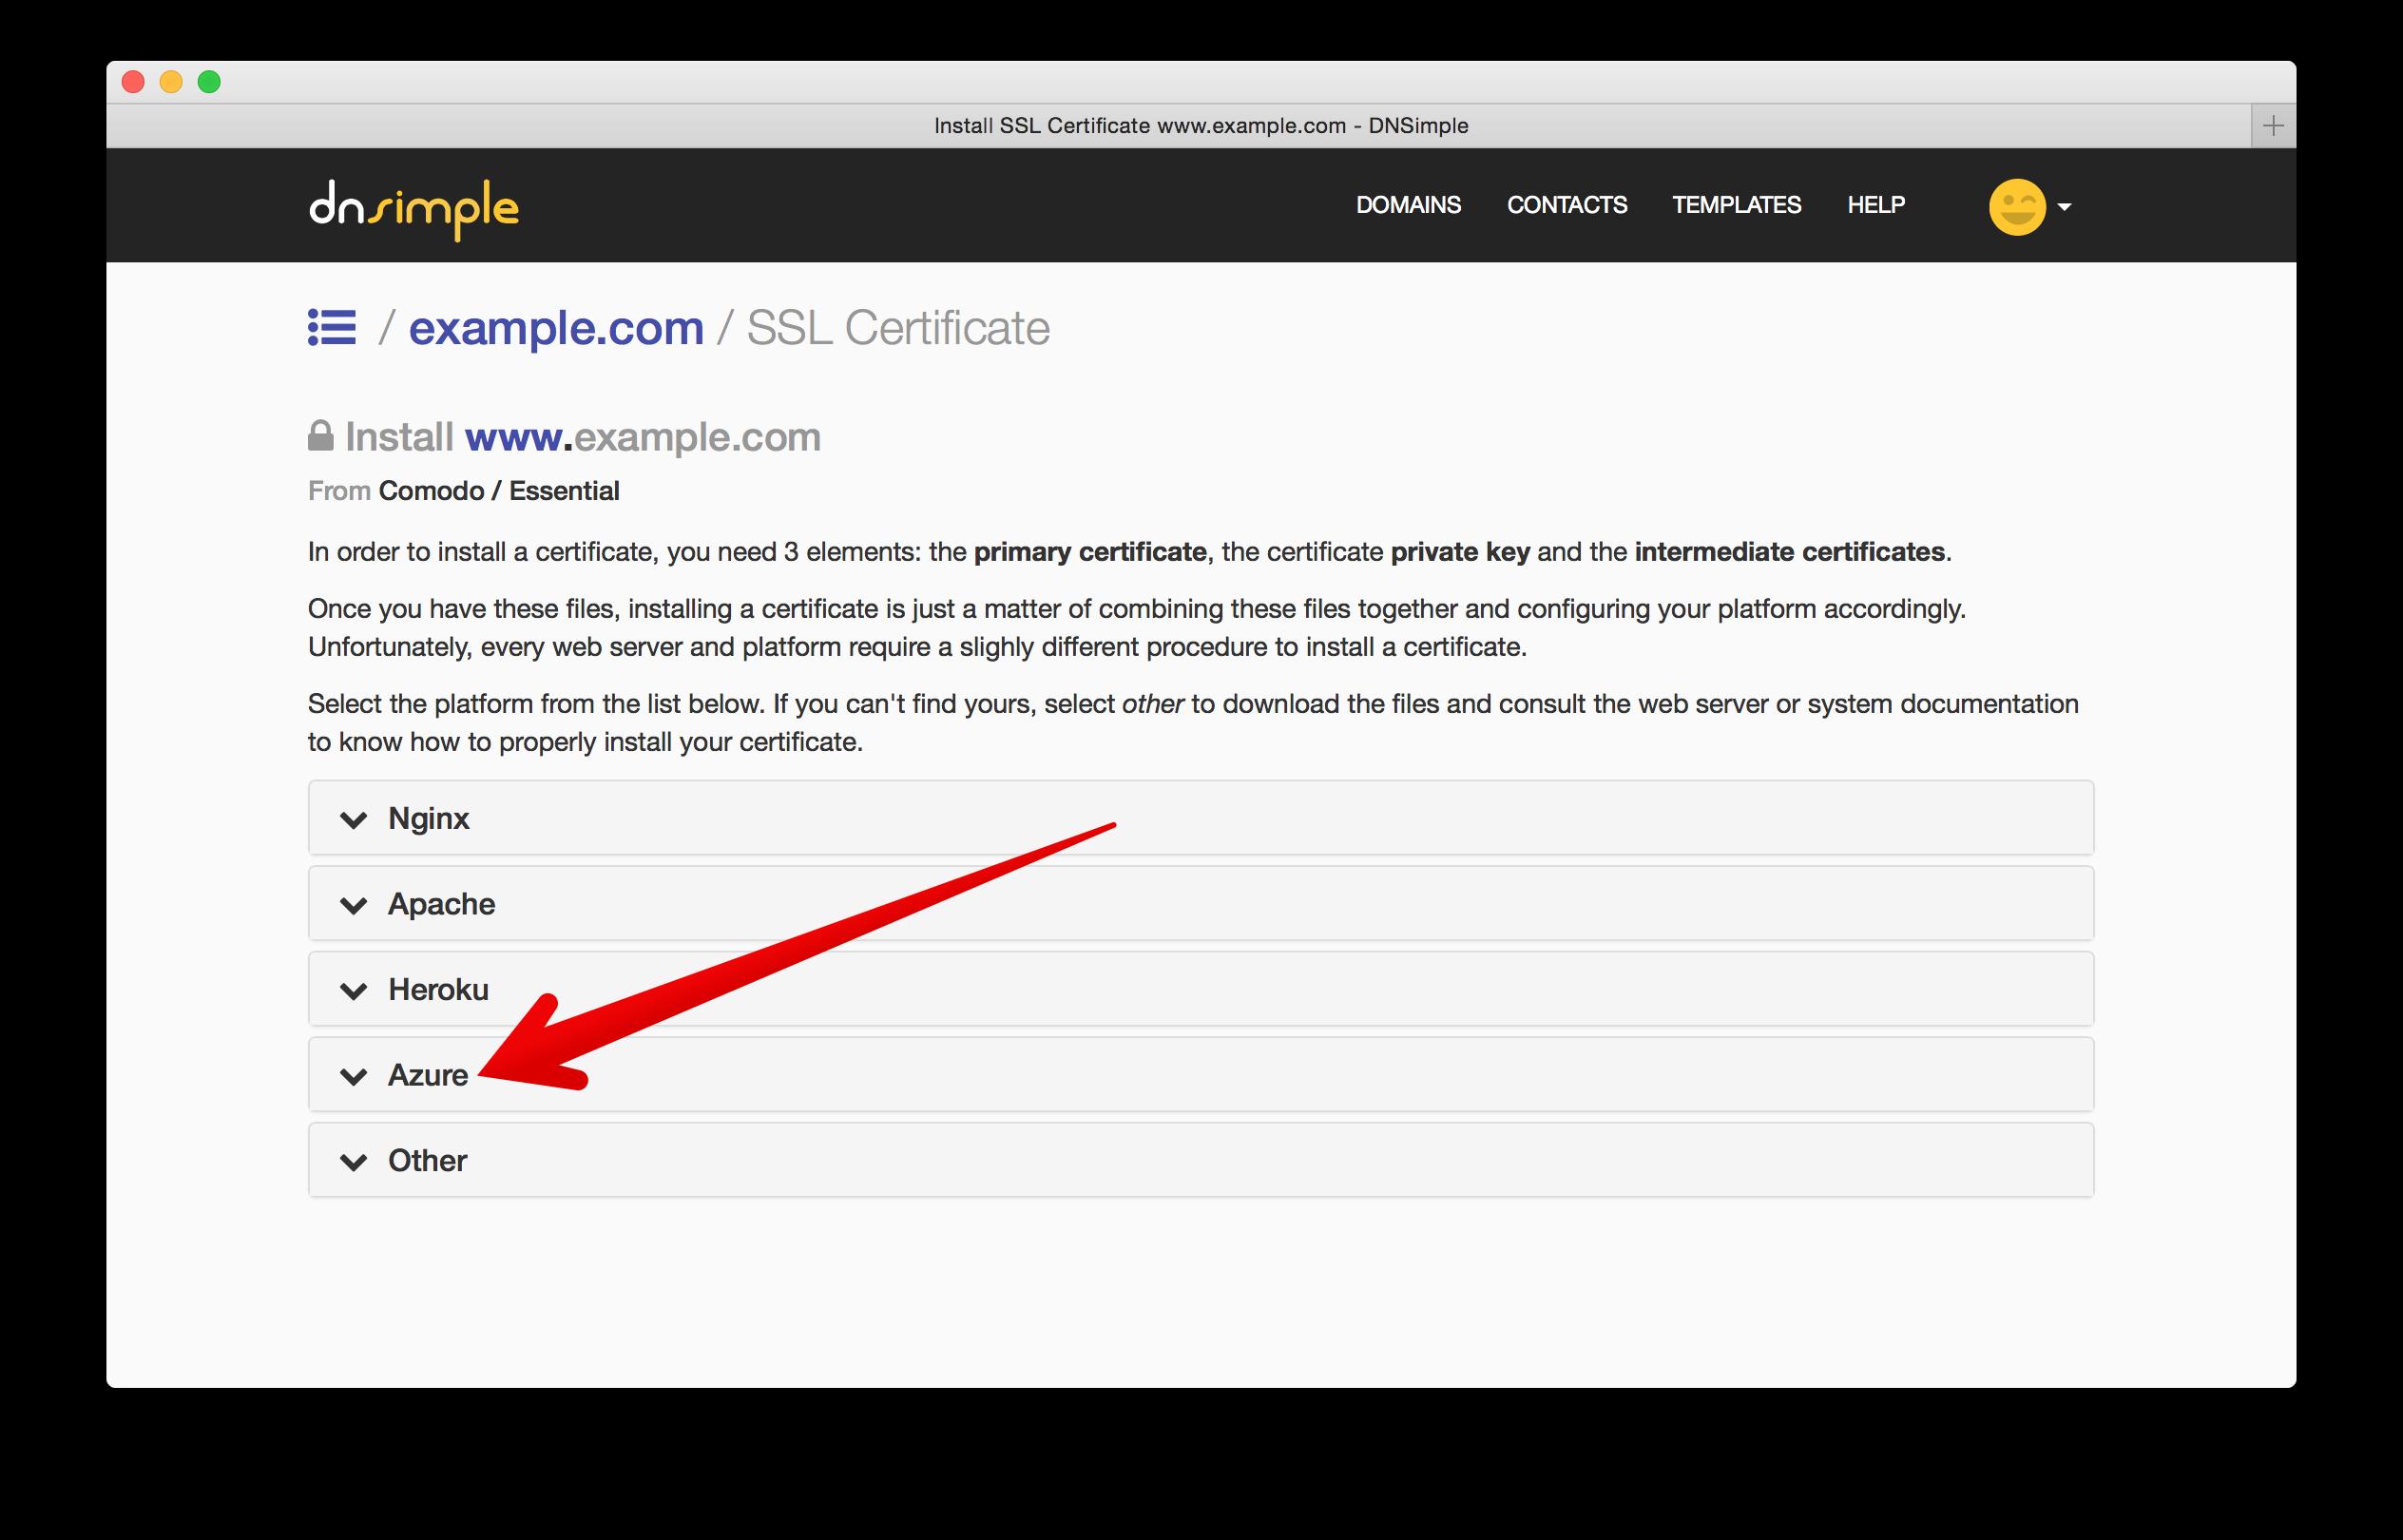 SSL Installation wizard including Azure